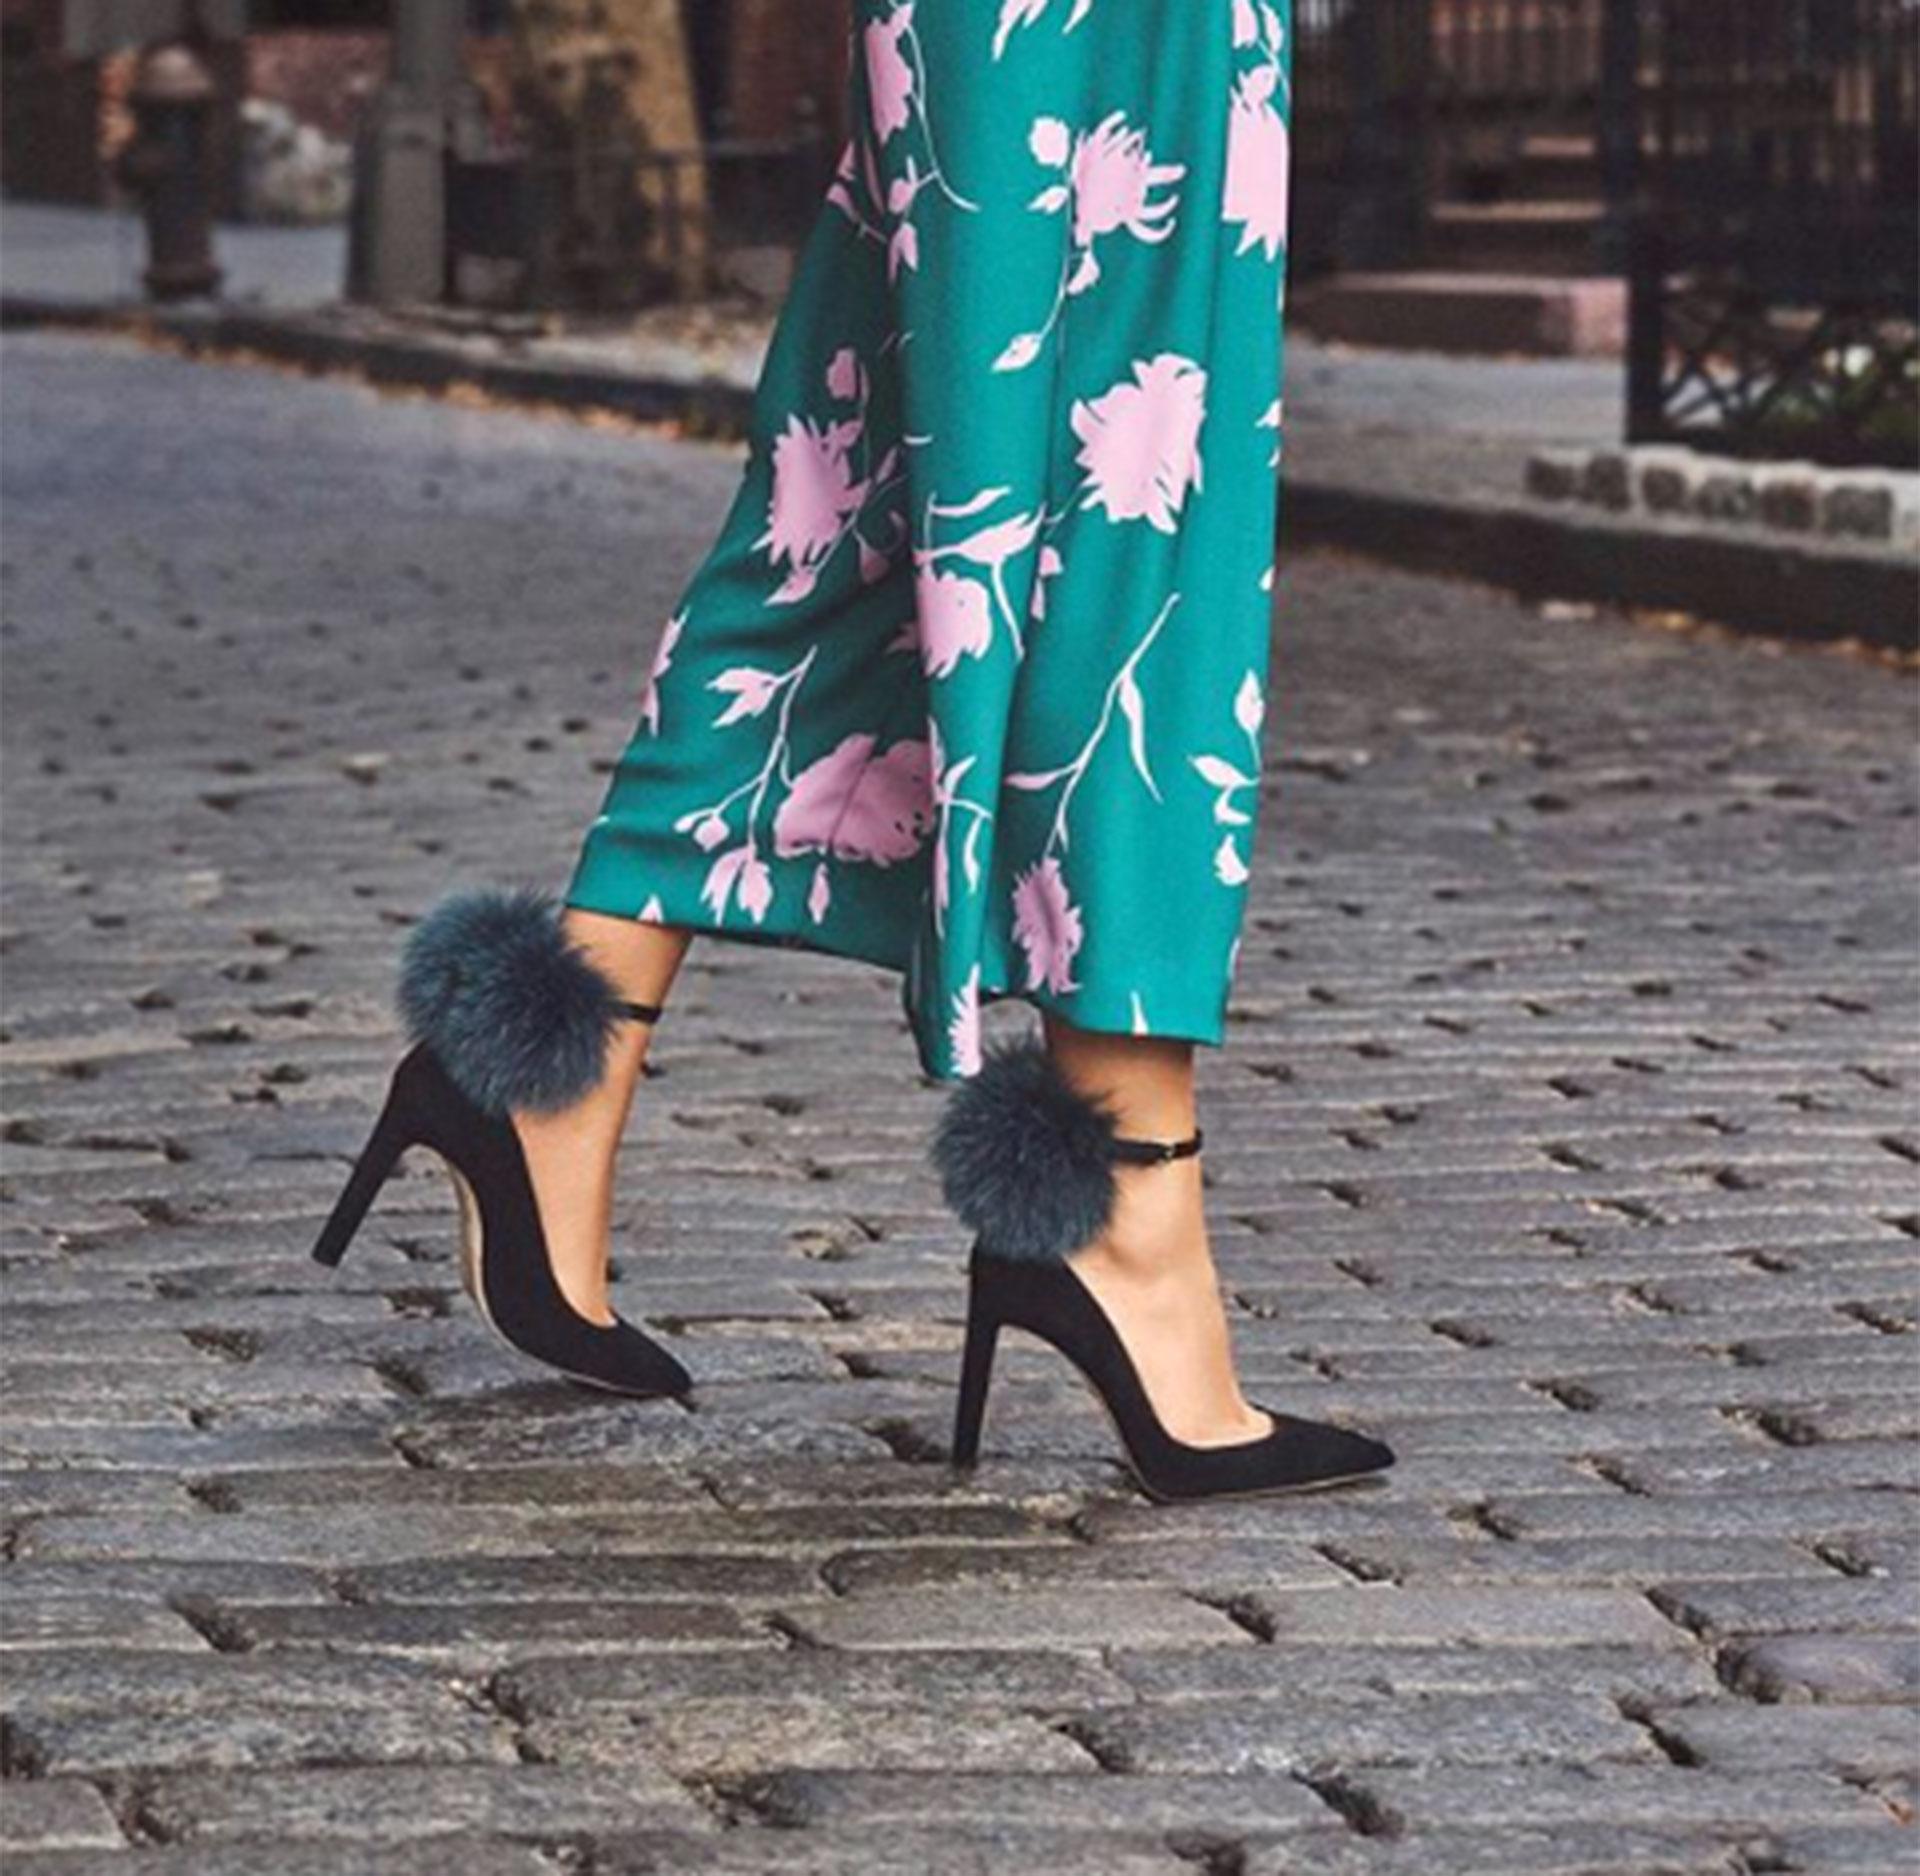 Pieles hasta en los zapatos, algunas firmas abusan de este género natural